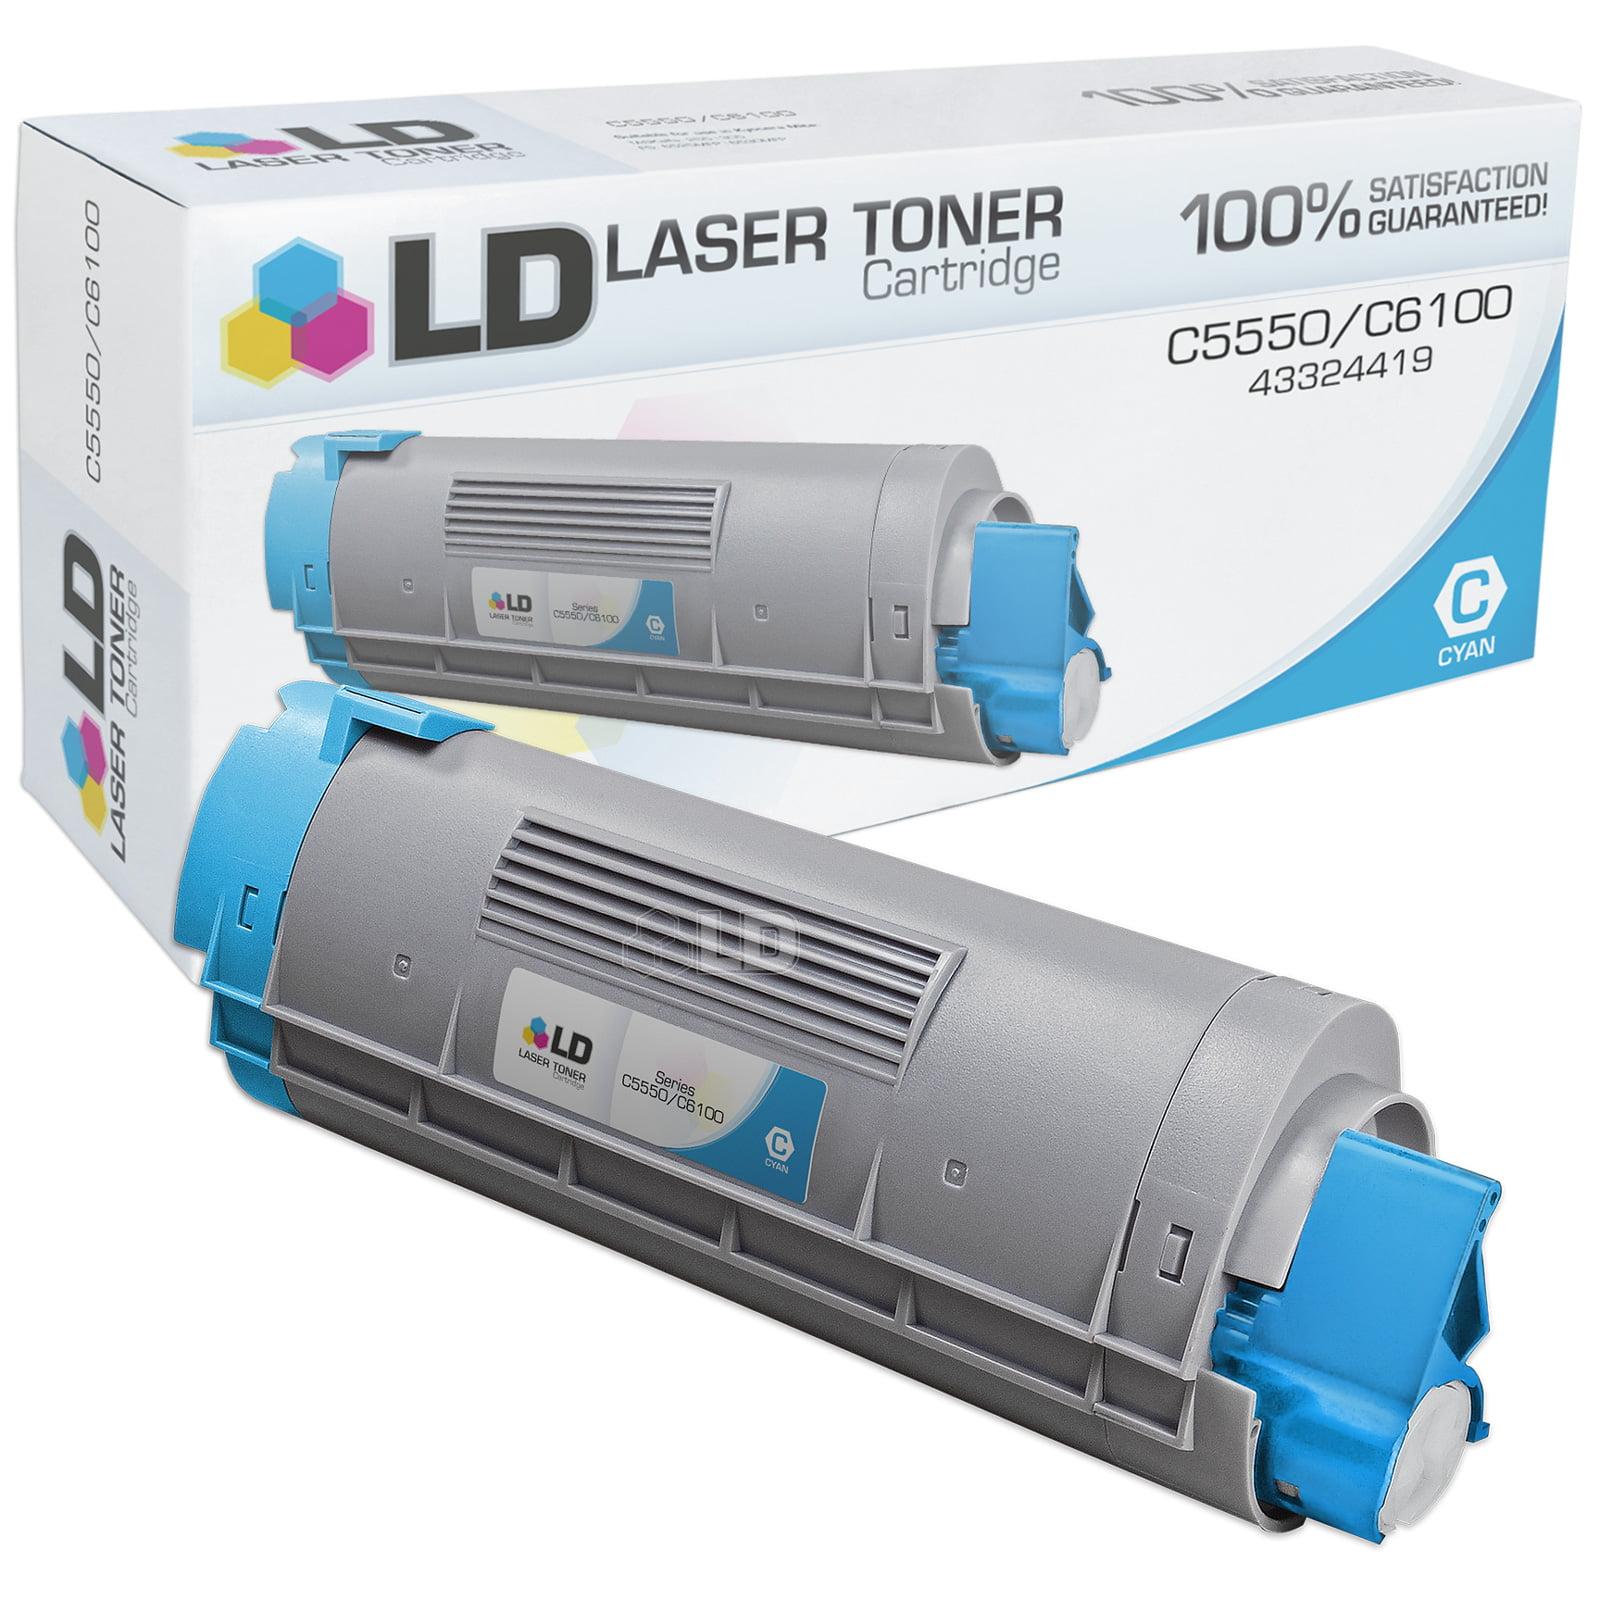 LD Okidata Compatible 43324419 'Type C8' Cyan Laser Toner Cartridge